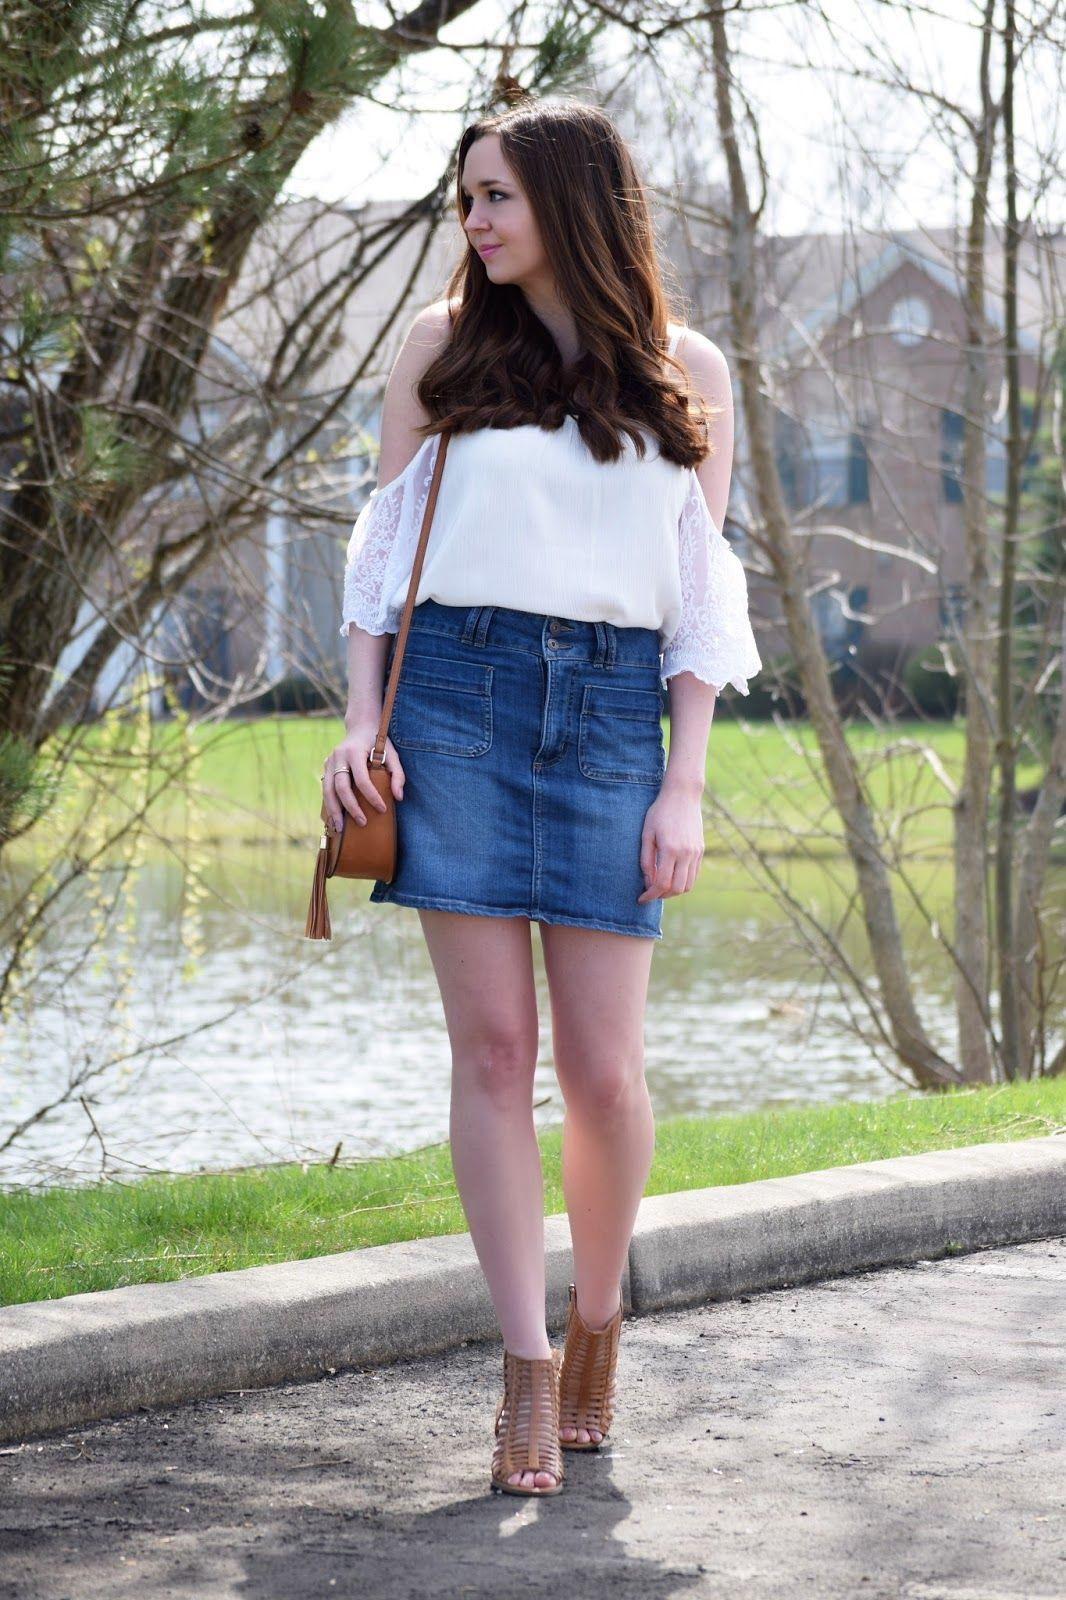 Cold Shoulder Top and Denim Skirt | Denim skirt, Shoulder and Cold ...